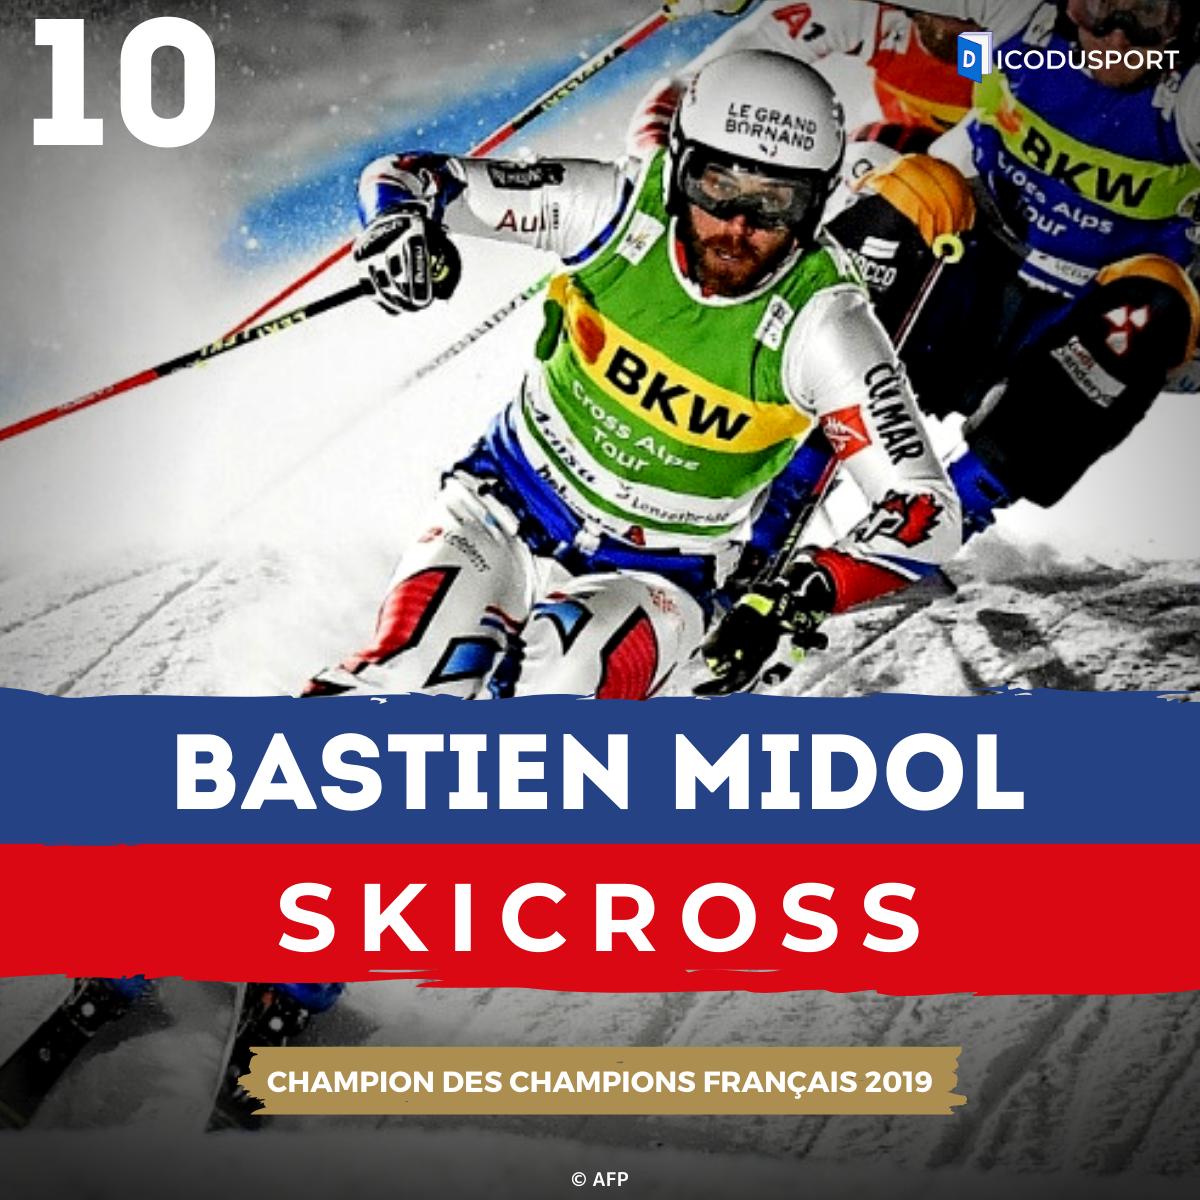 Bastien Midol est 10ème au classement du Champion des Champions français 2019